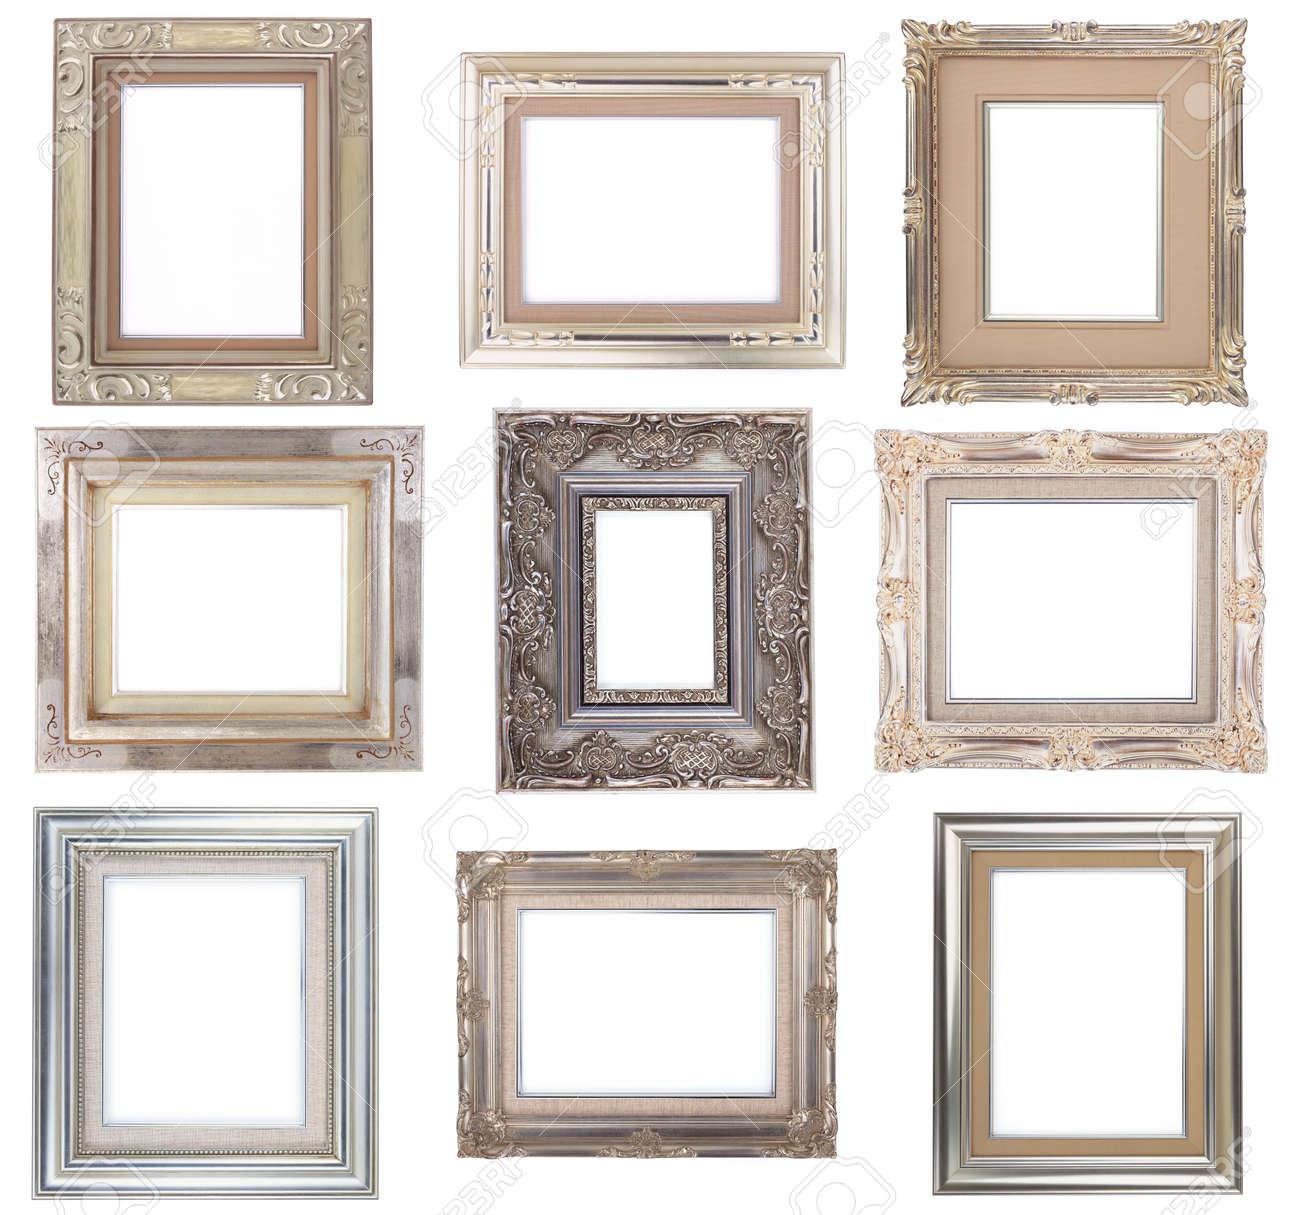 silber frames gesetzt, antik bilderrahmen auf weißem hintergrund